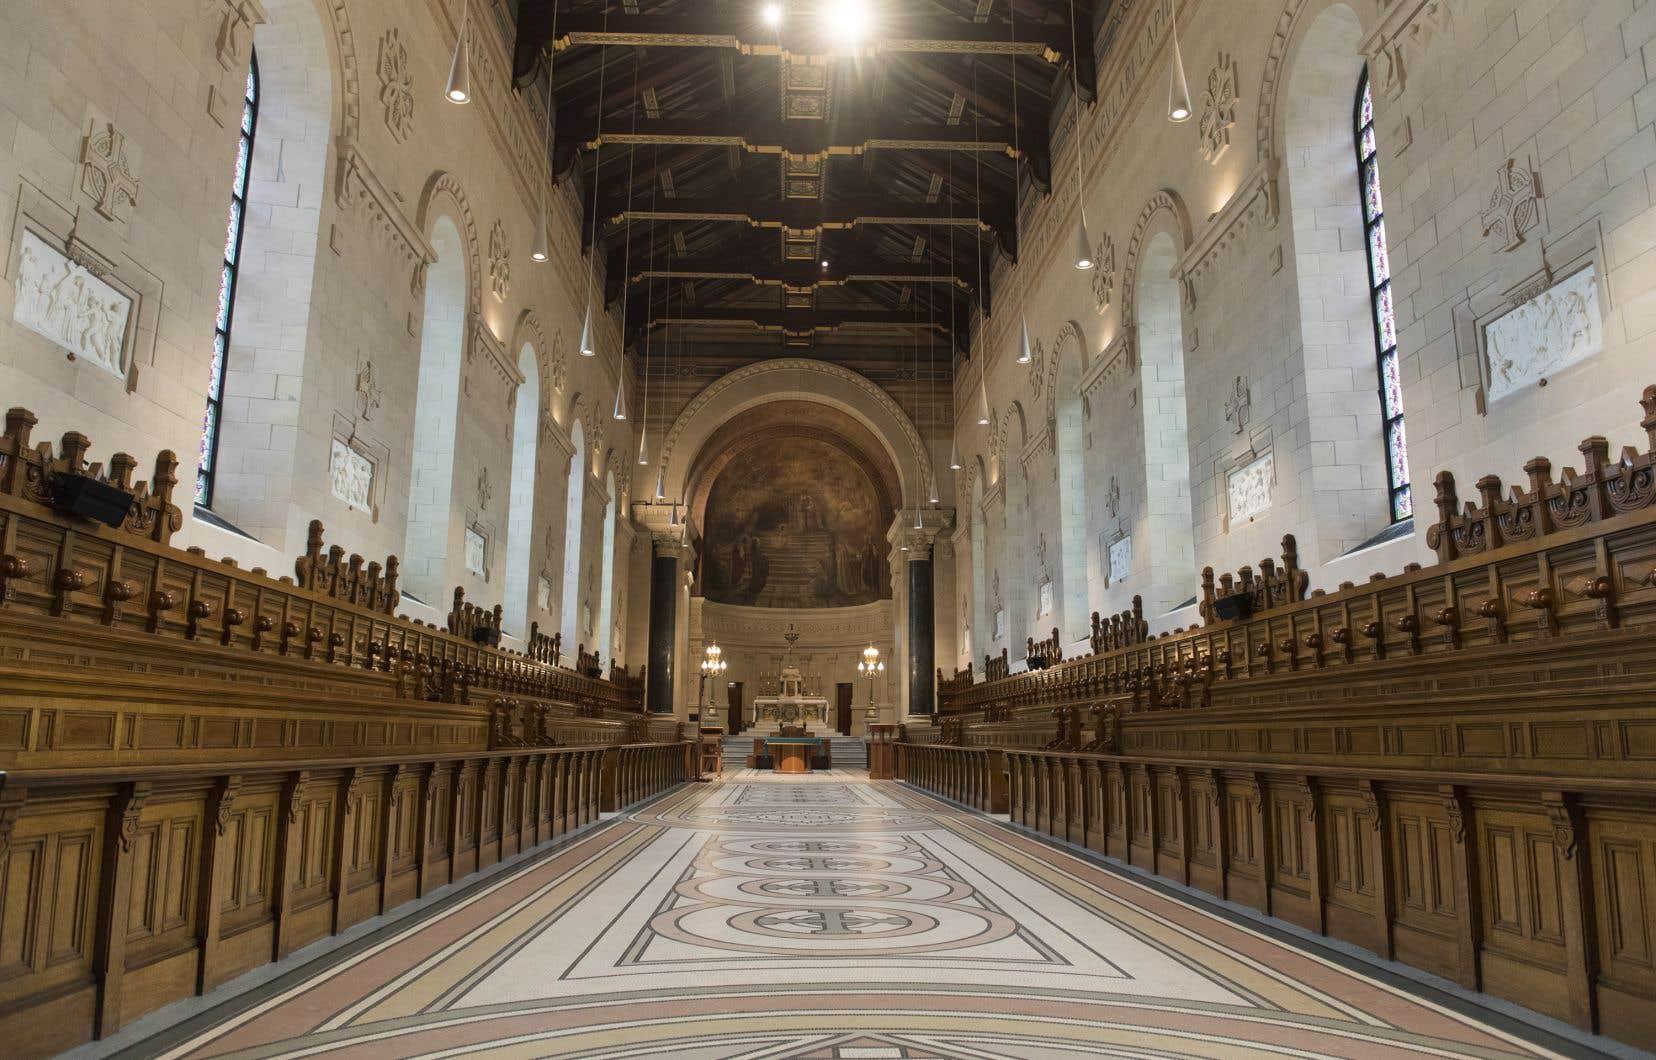 Dès vendredi, tous les lieux de culte au Québec pourront accueillir jusqu'à 250 personnes, même en zone rouge.